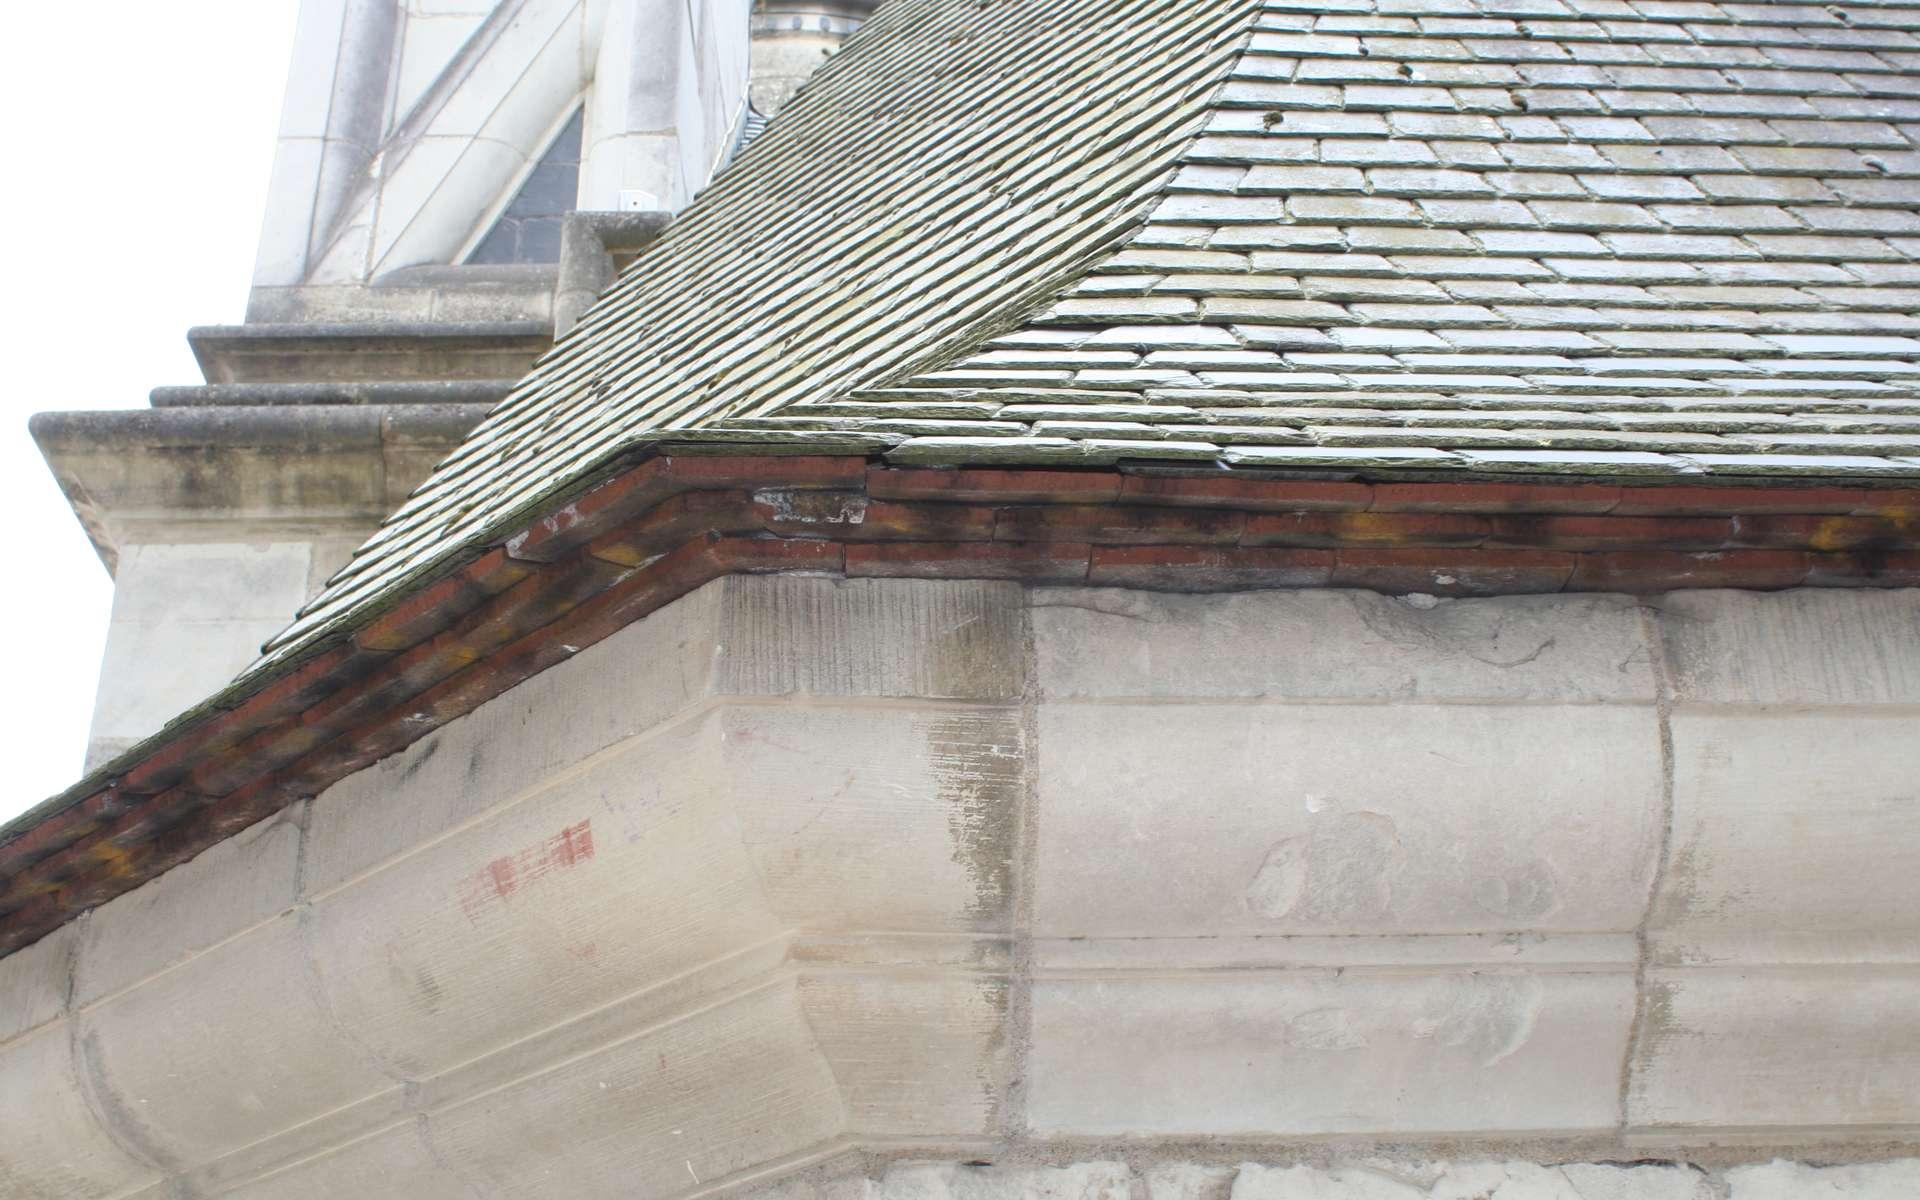 Le becquet peut être installé sur un égout de toiture comme celui-ci. © Coyau, CC BY-SA 3.0, Flickr